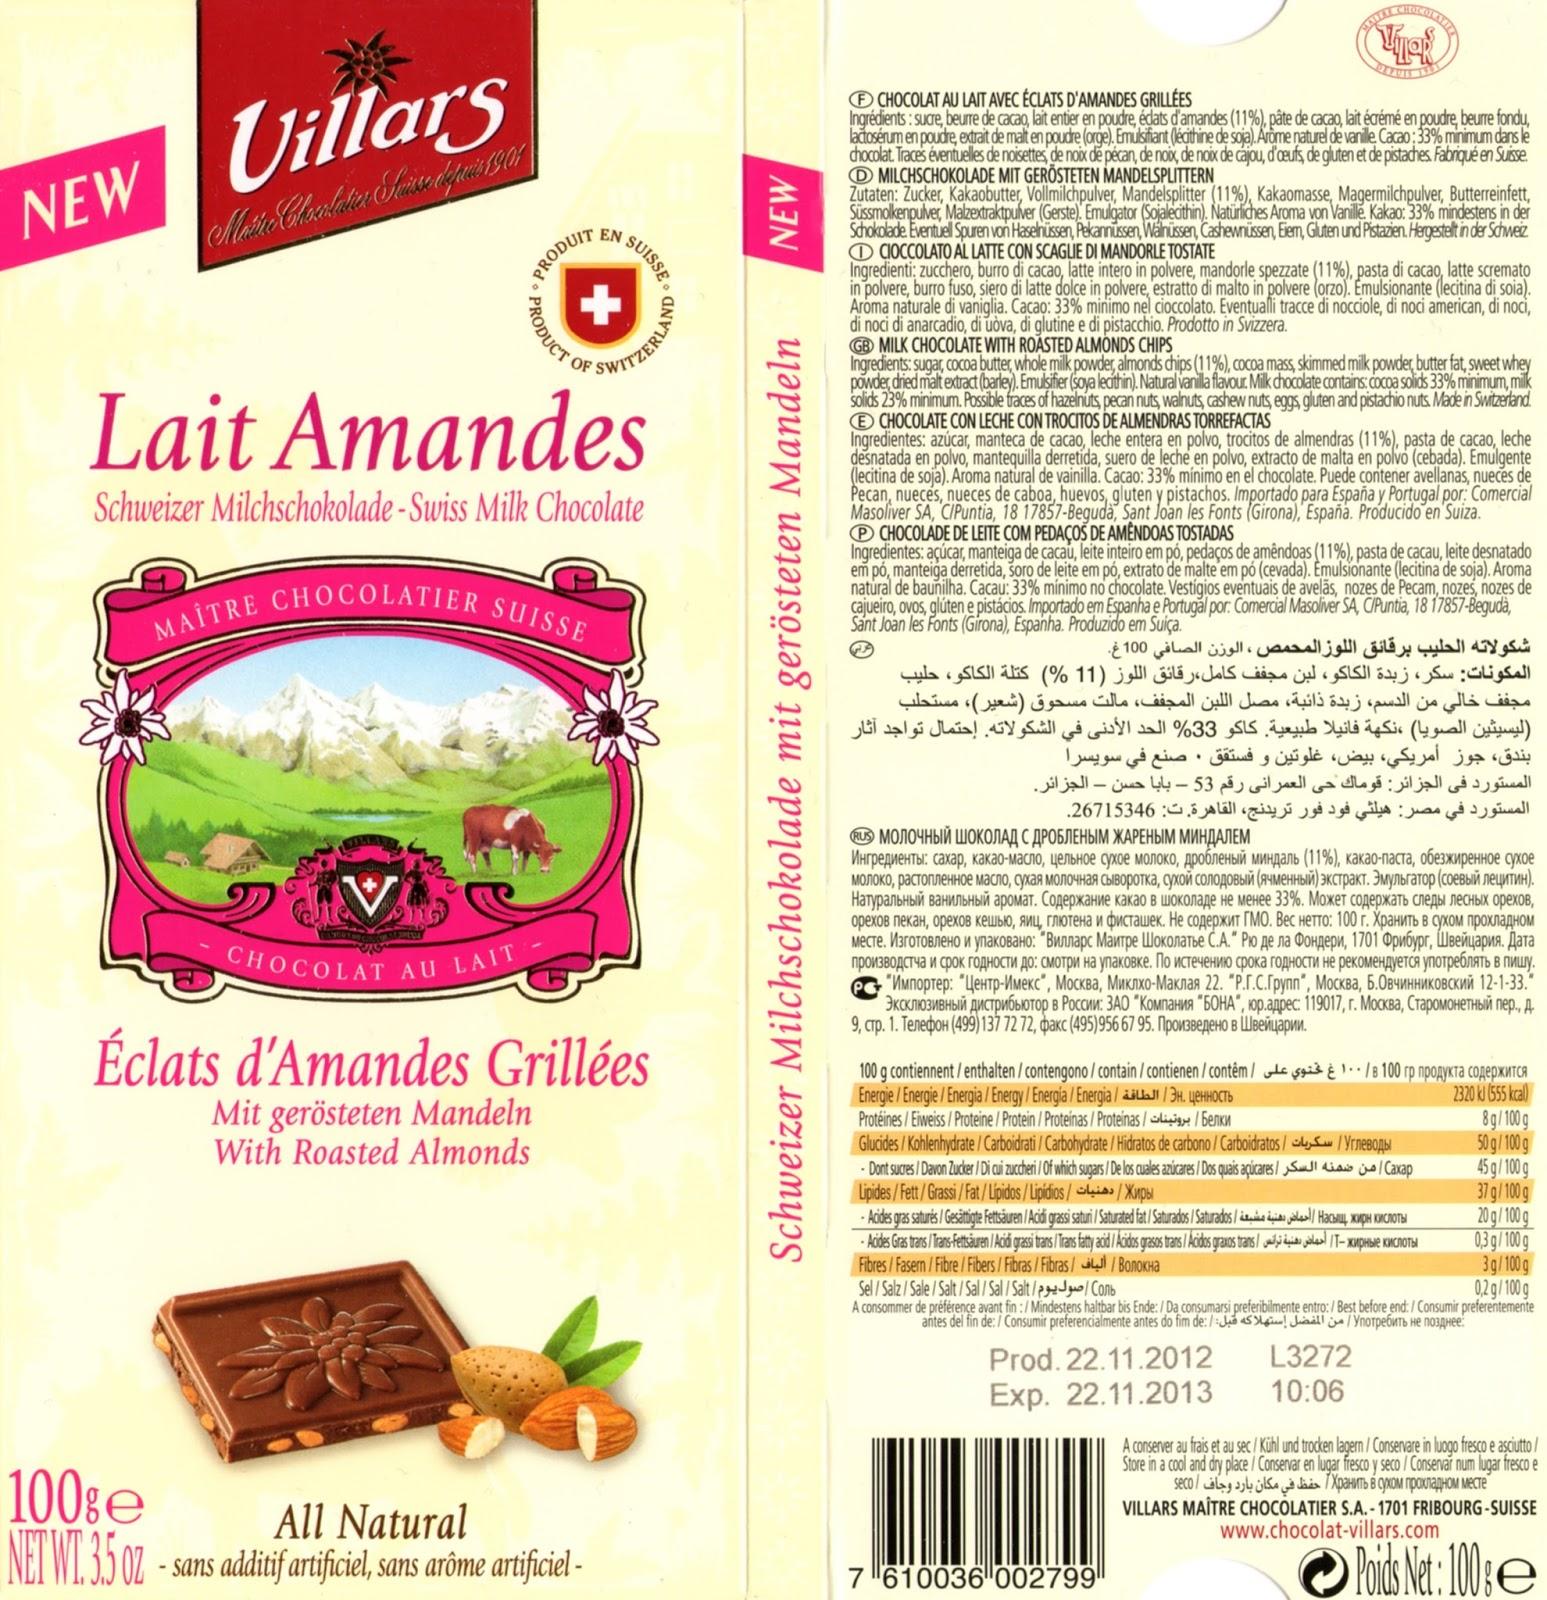 tablette de chocolat lait gourmand villars lait eclats d'amandes grillées